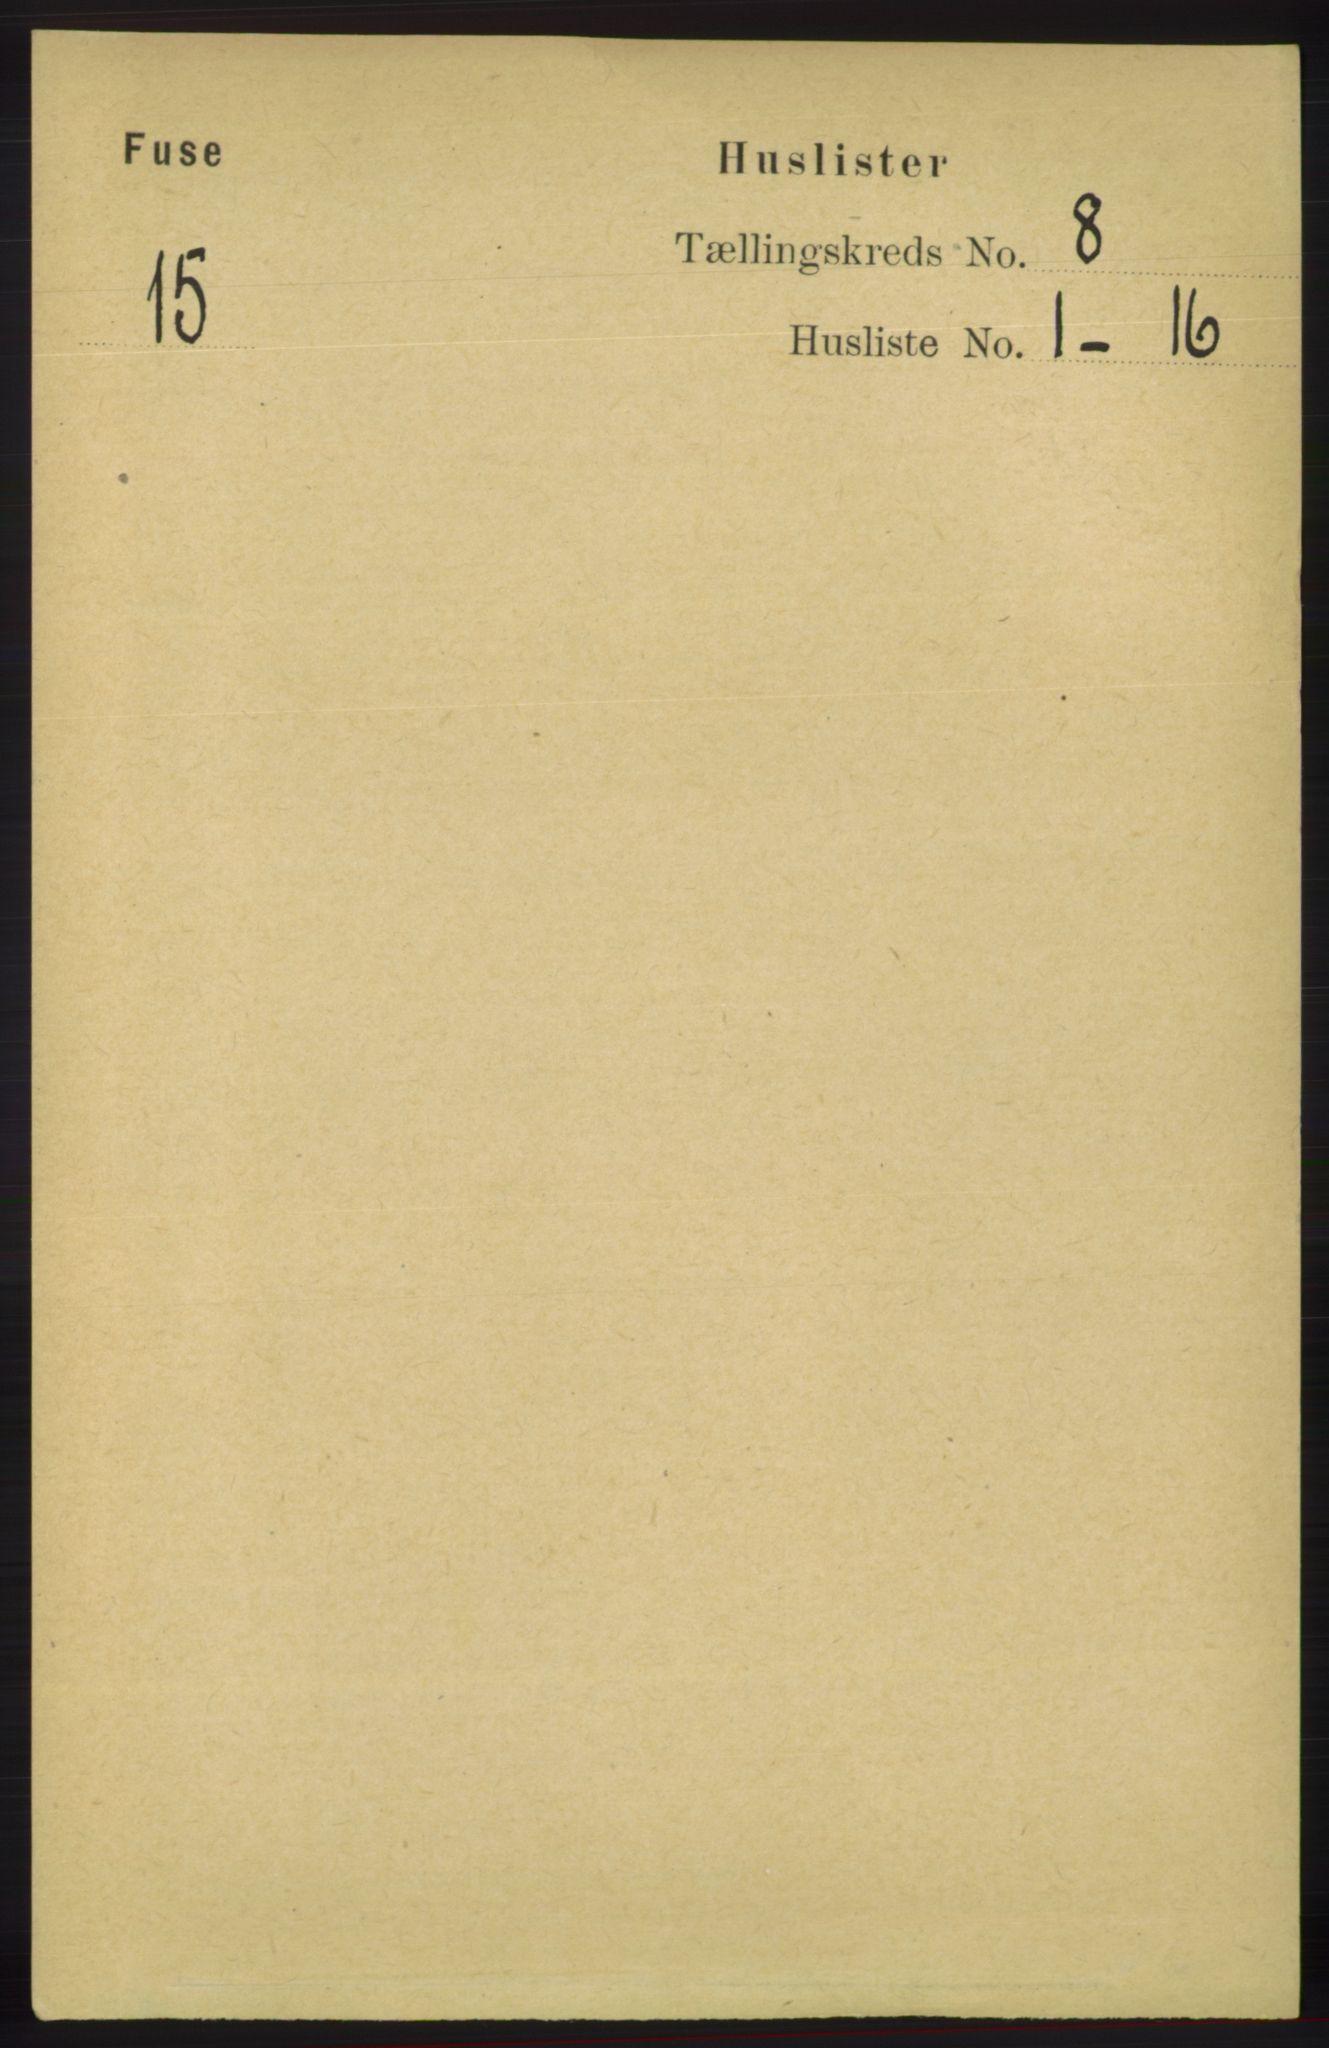 RA, Folketelling 1891 for 1241 Fusa herred, 1891, s. 1543